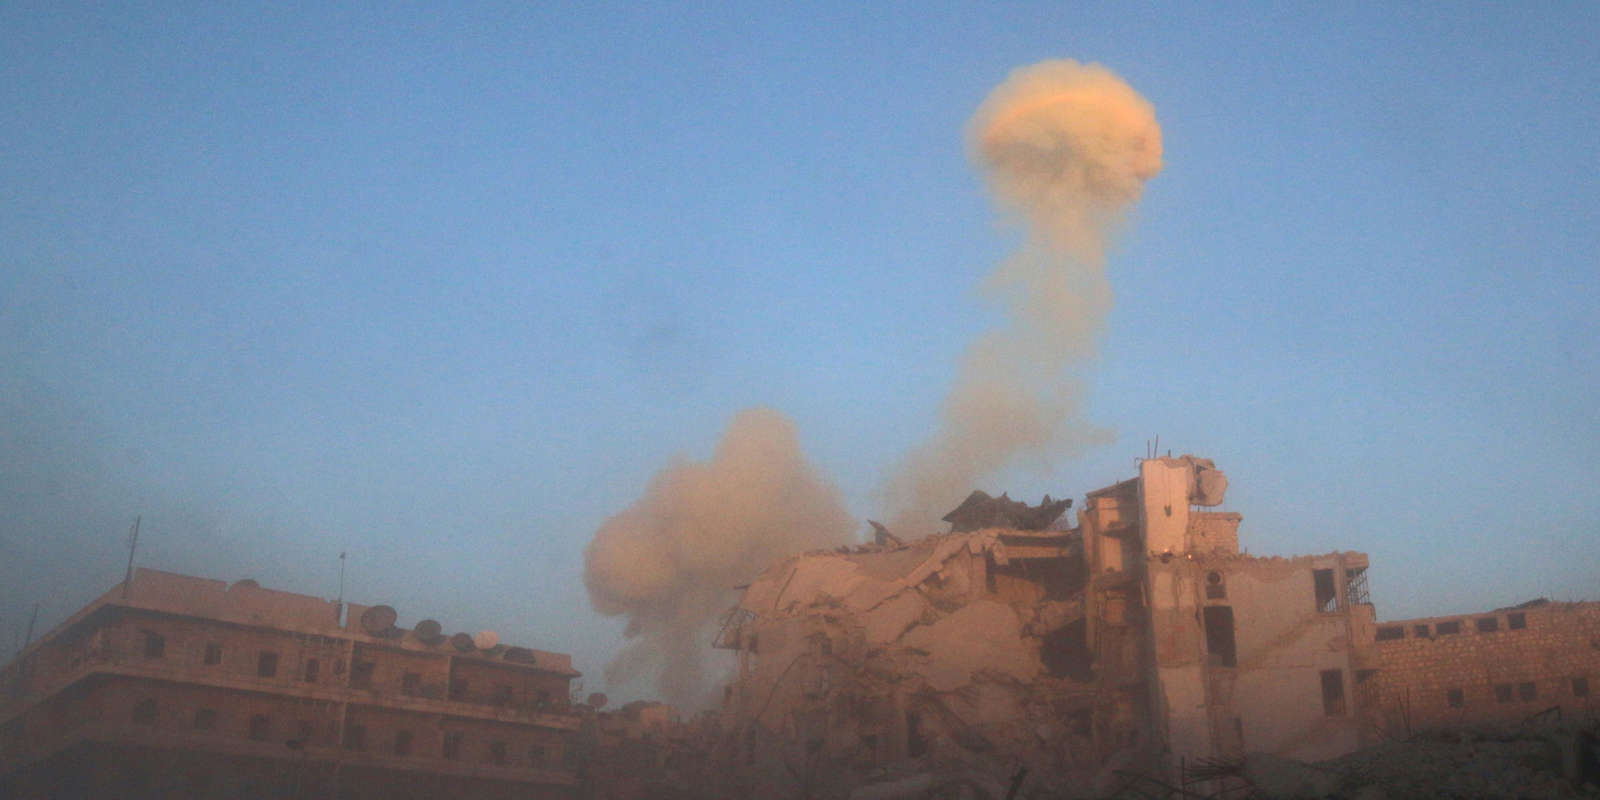 De la fumée s'élève après un bombardement dans le quartier d'Al-Chaar à Alep, en Syrie.